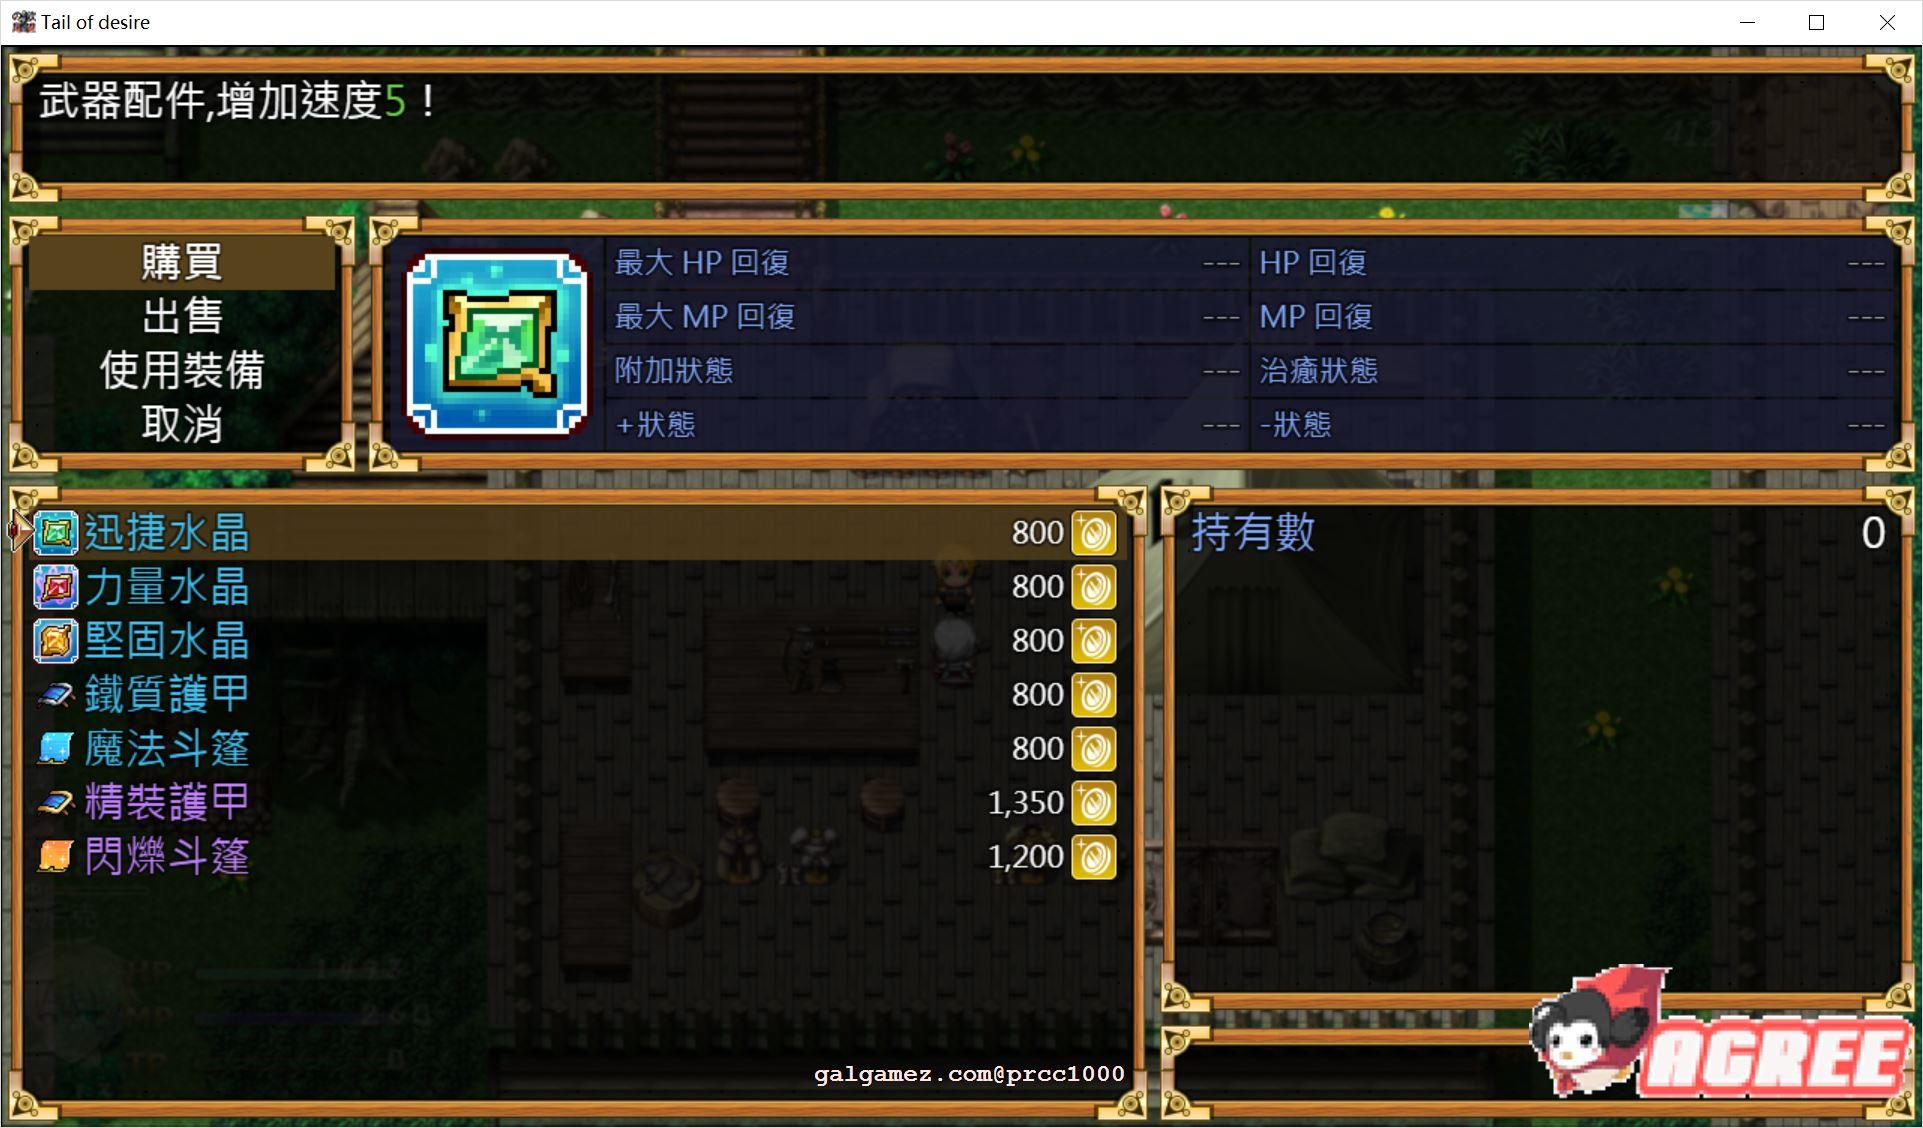 [神级RPG/中文/步兵]欲望之尾 V0.6.2 官方中文版+全CG存档[FM/百度/OD][1.5G] 8